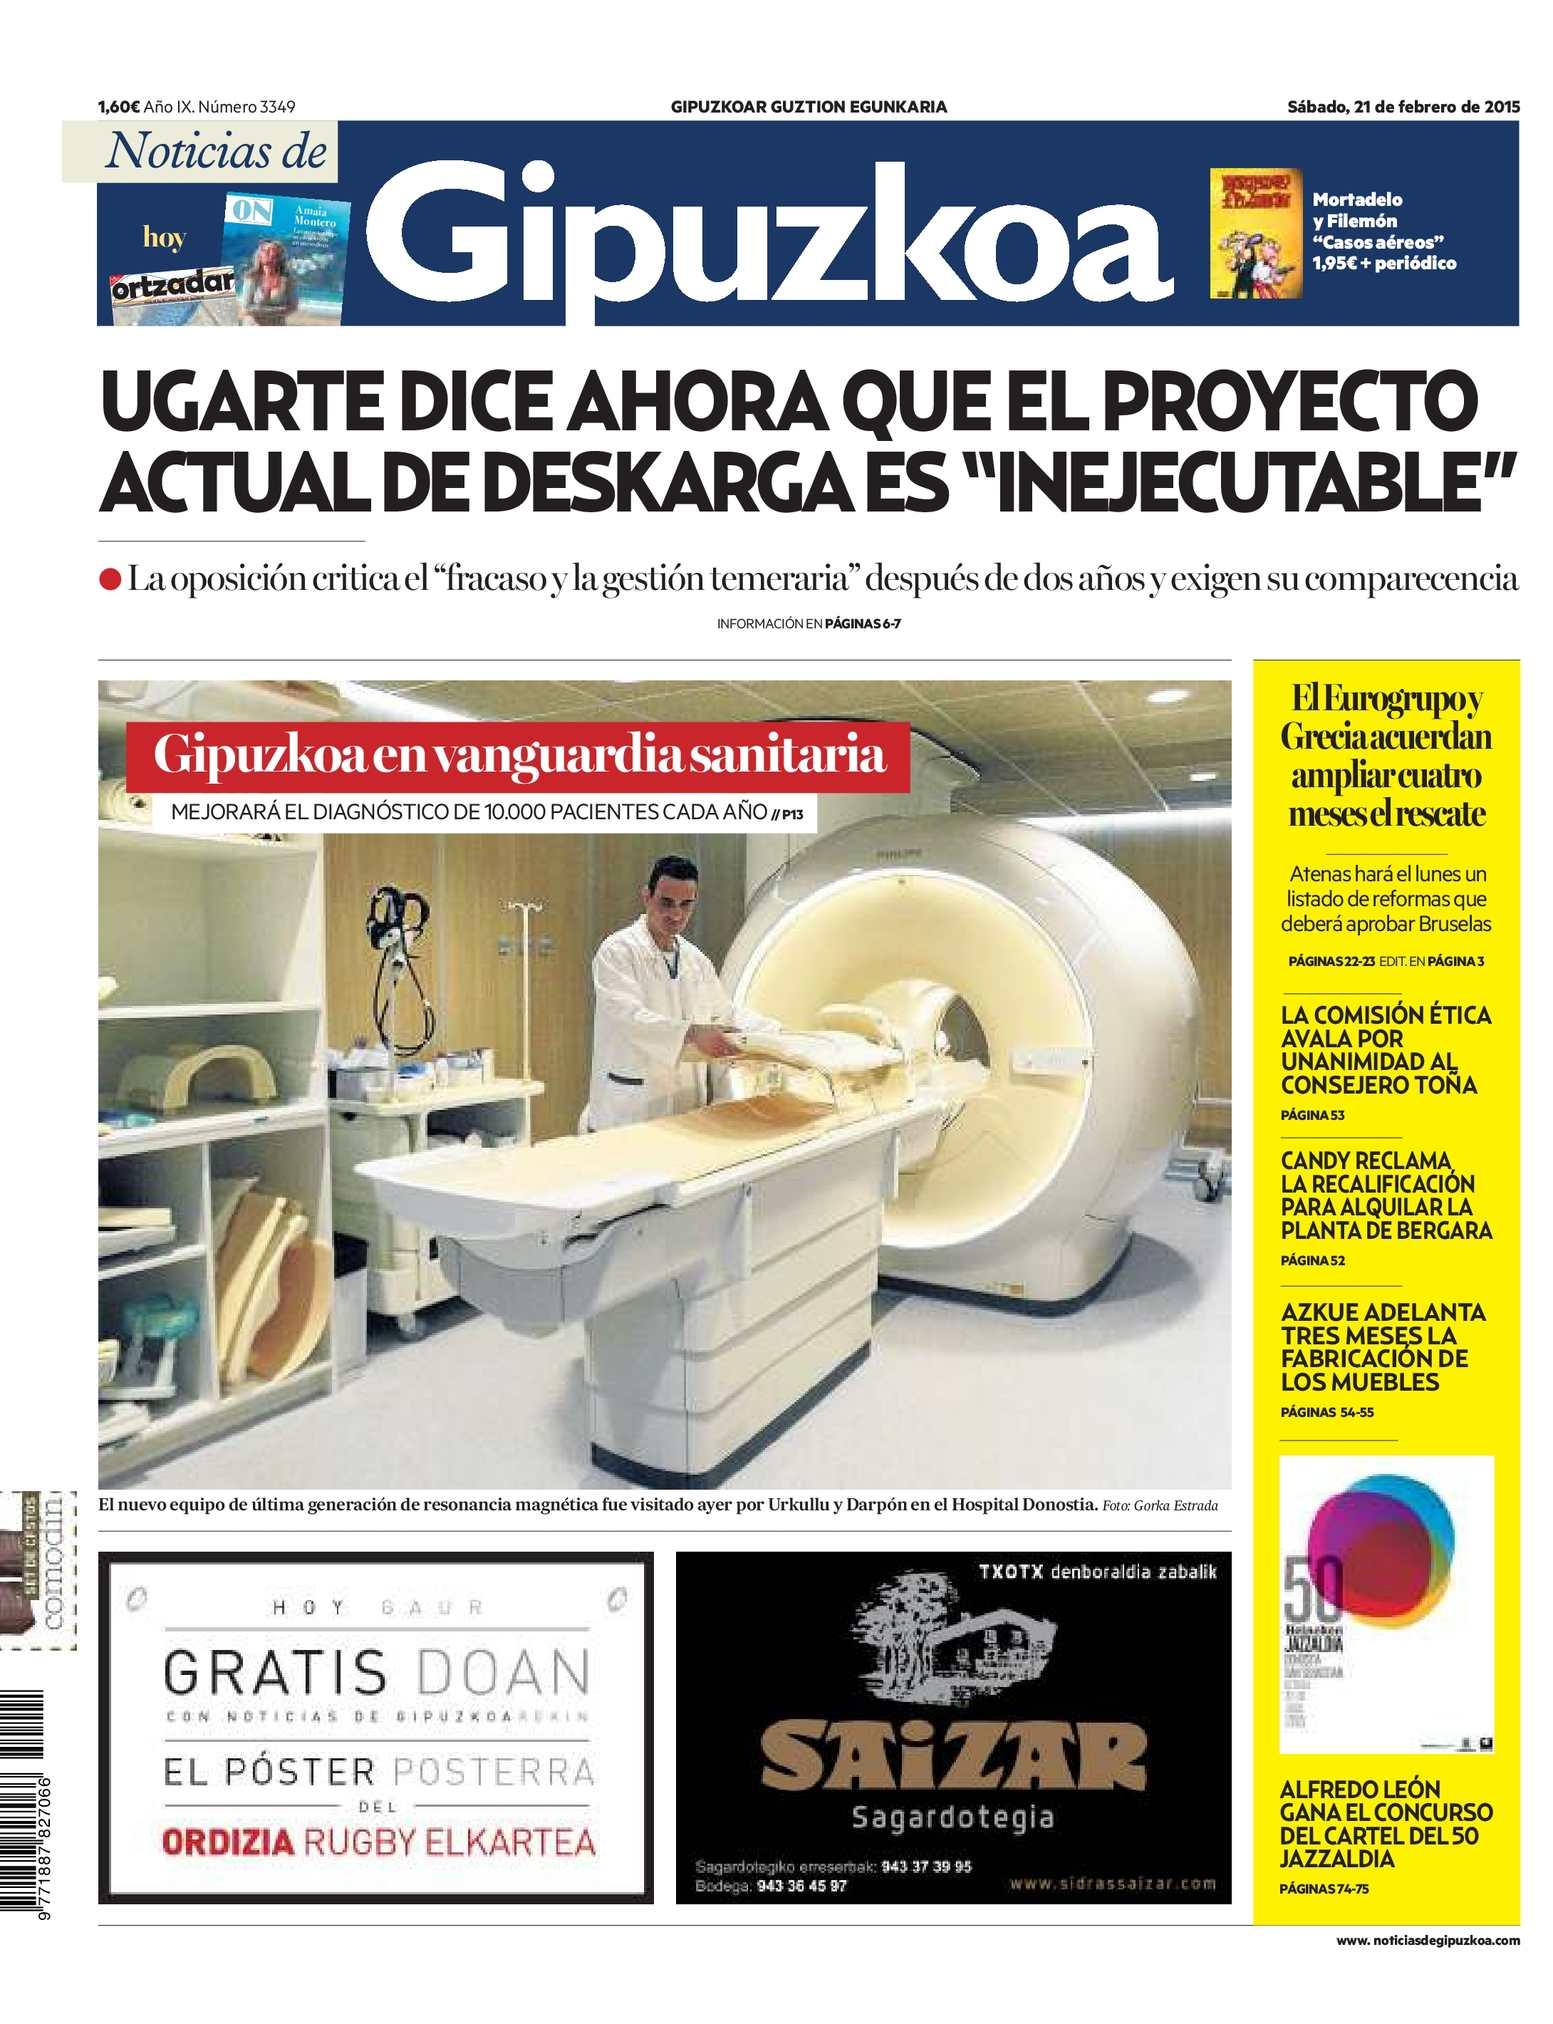 6f8dcdf6798 Calaméo - Noticias de Gipuzkoa 20150221